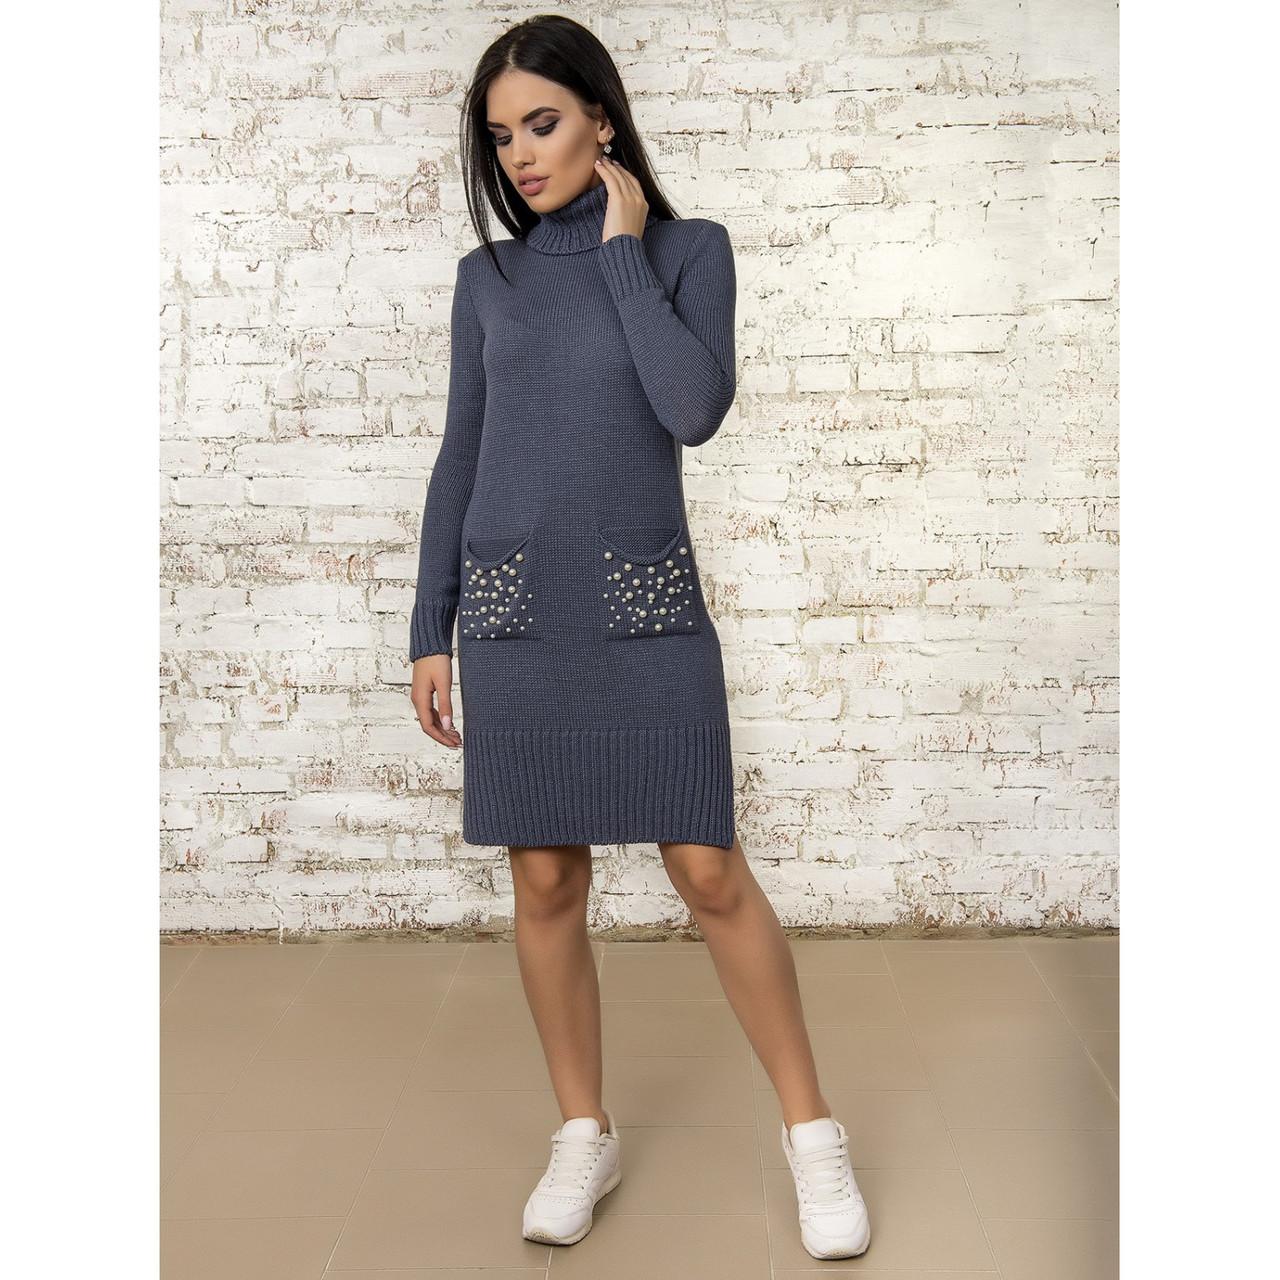 Теплое вязаное платье с жемчугом 42-44-46  размер 5цветов